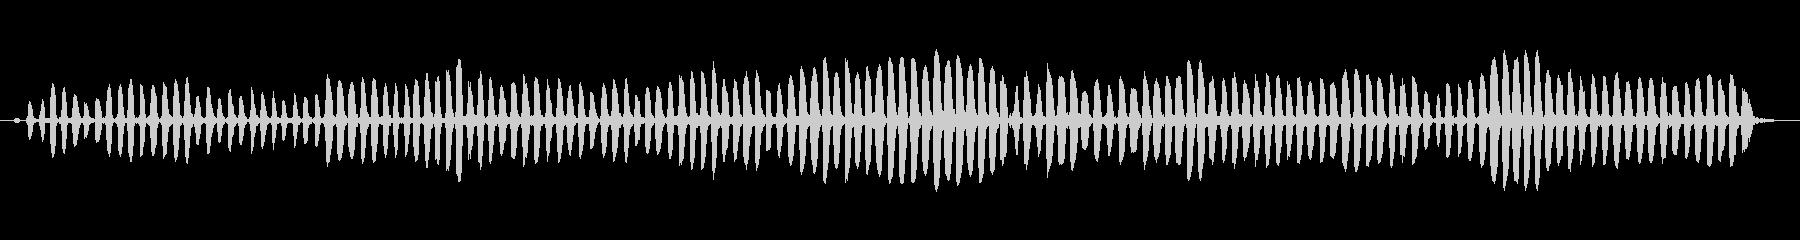 樹脂ひも摩擦:速い摩擦のきしみ音、...の未再生の波形